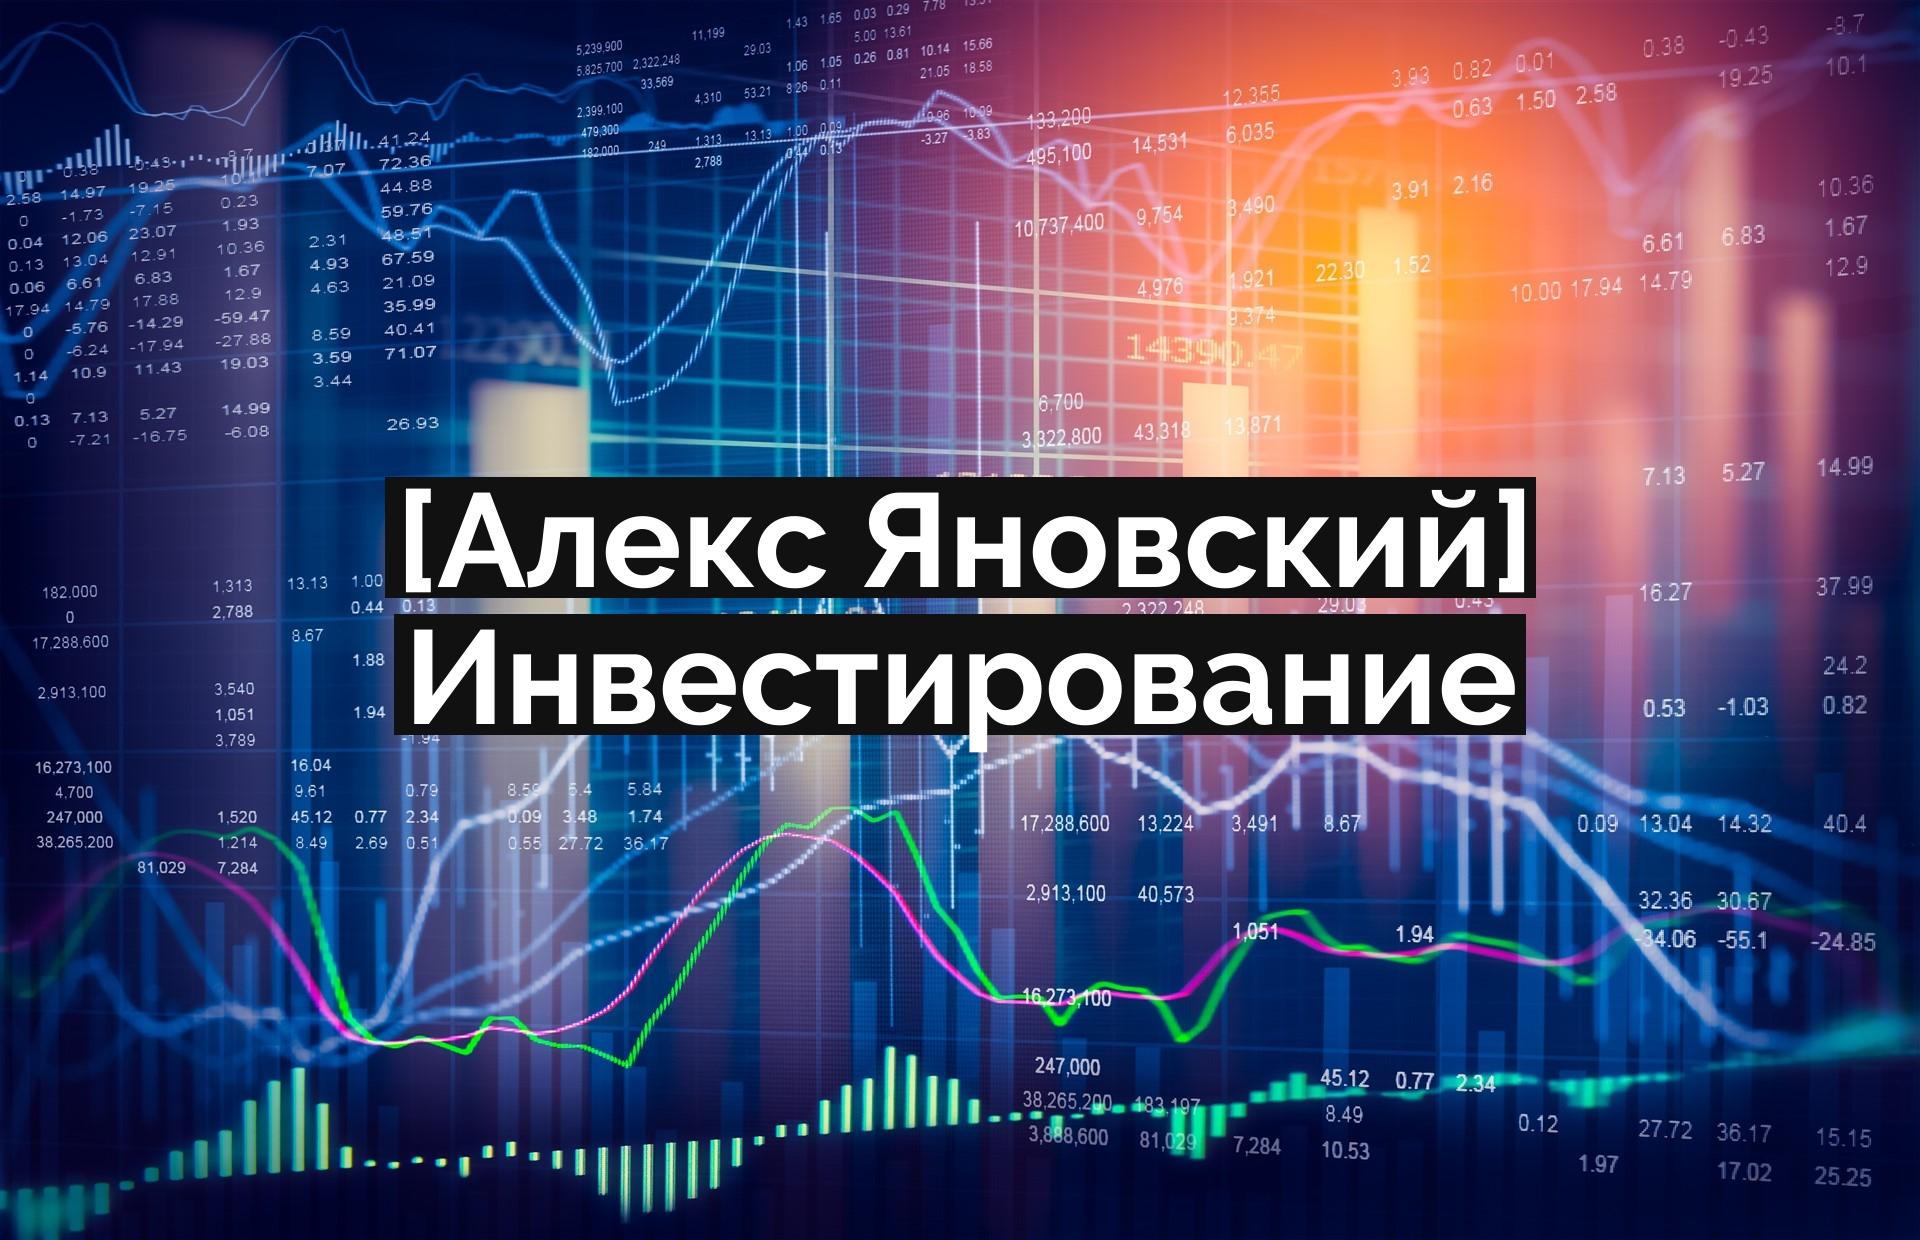 [Алекс Яновский] Инвестирование